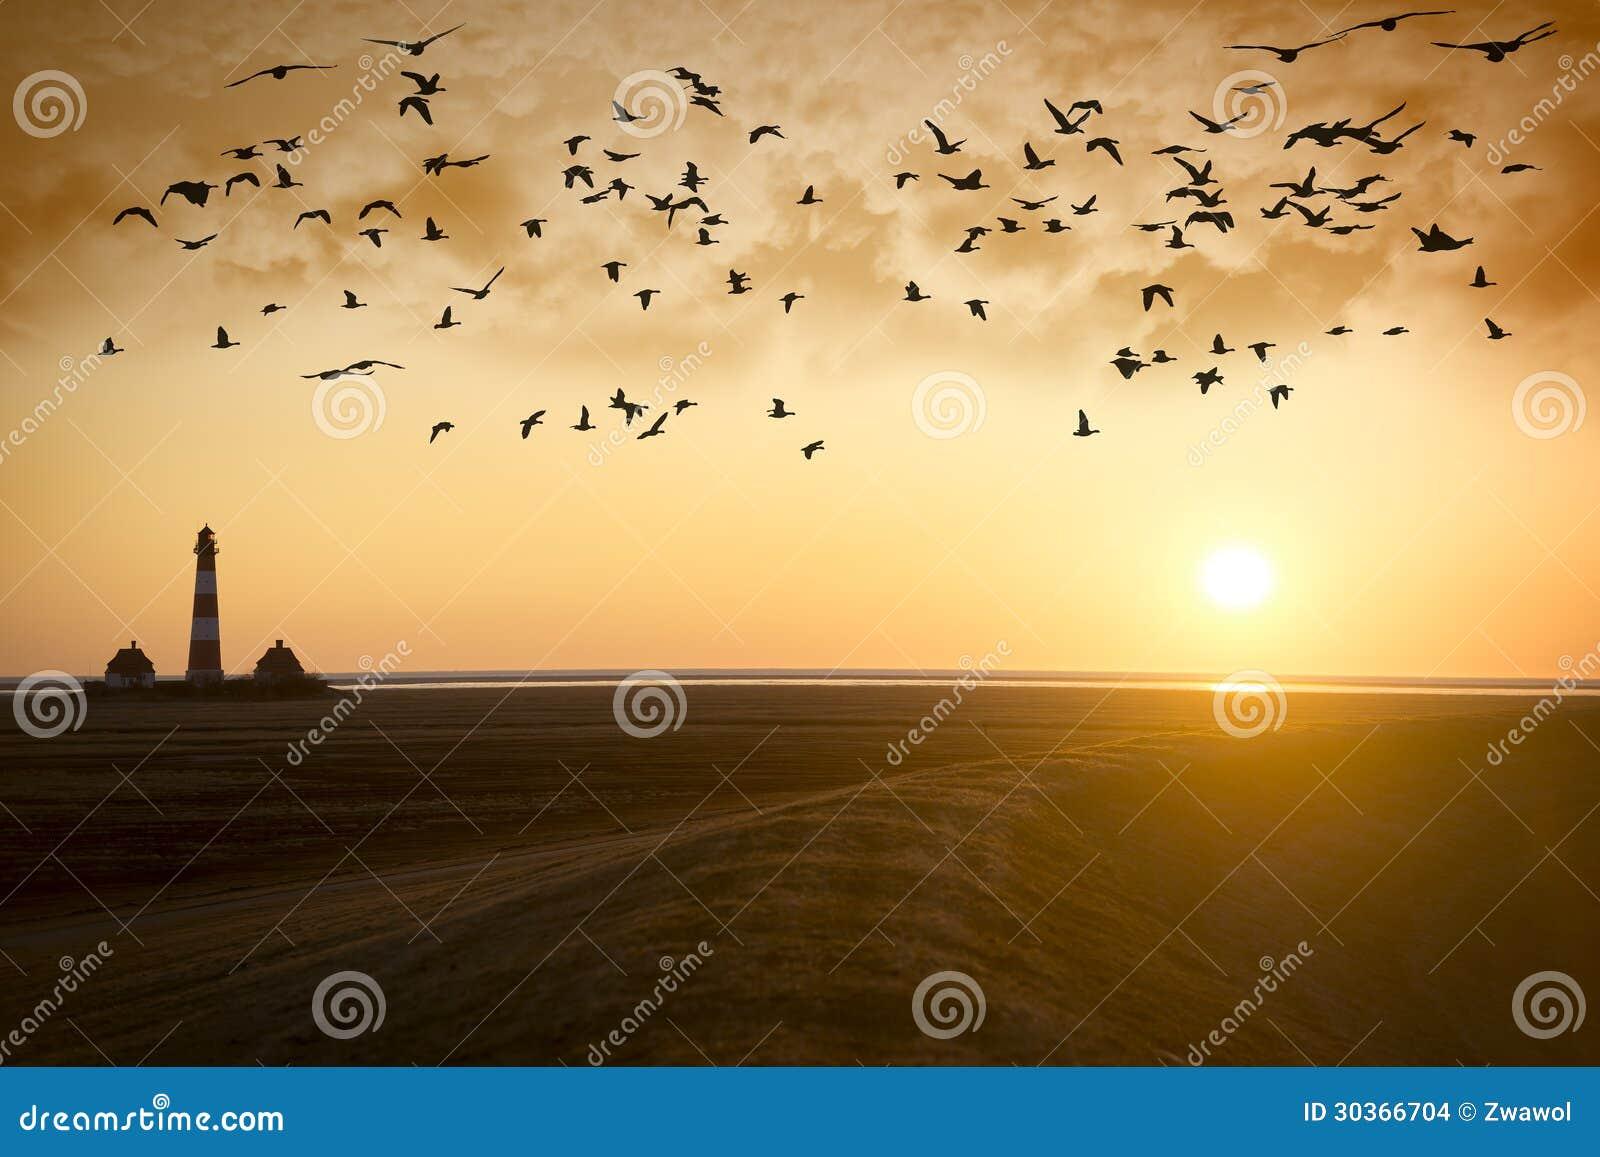 Solnedgångfyr med flyttfåglar